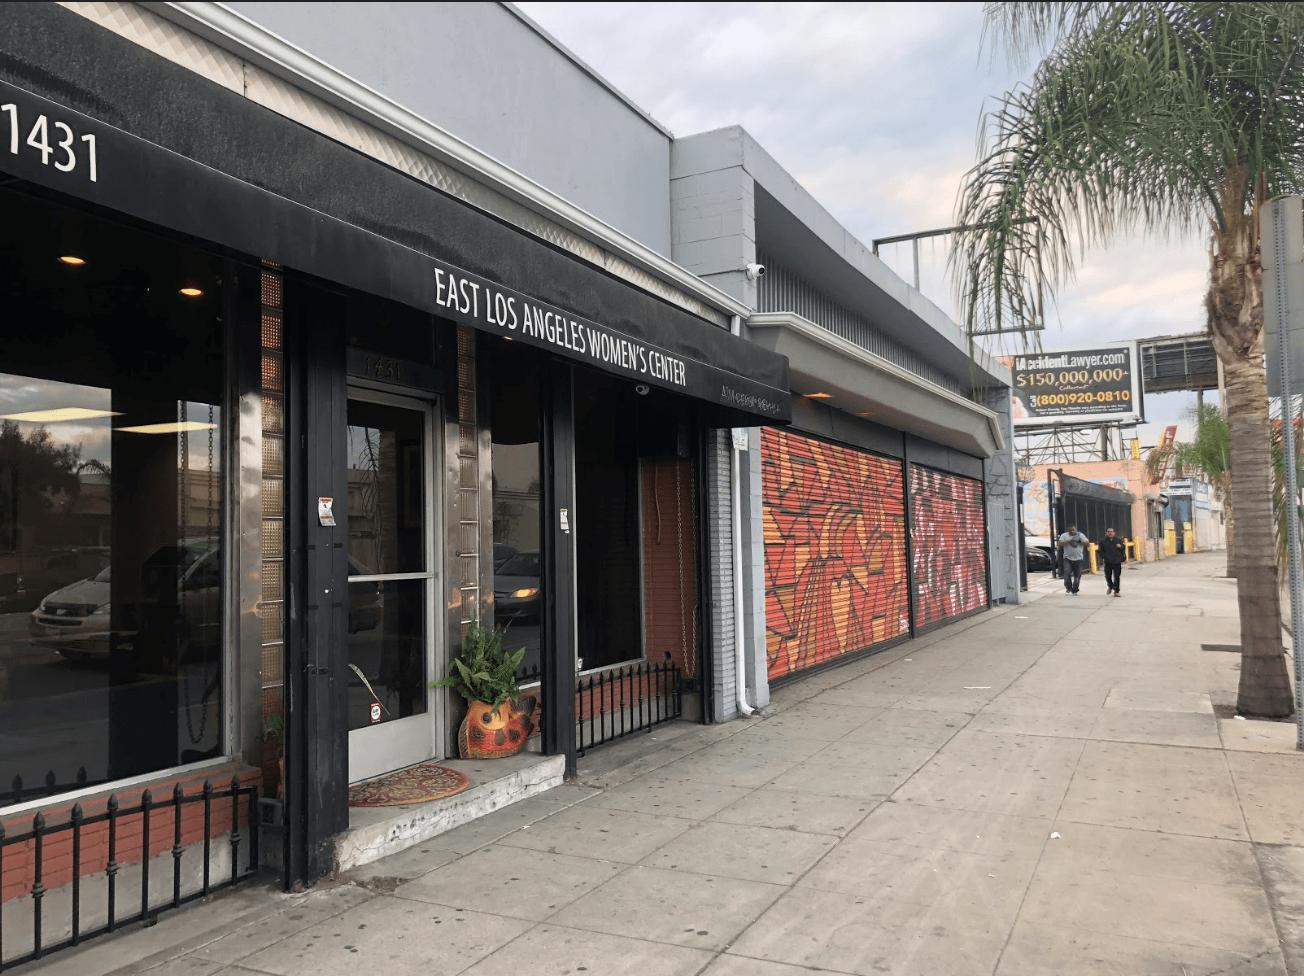 The East Los Angeles Women's Center (Becky Nava/UT)